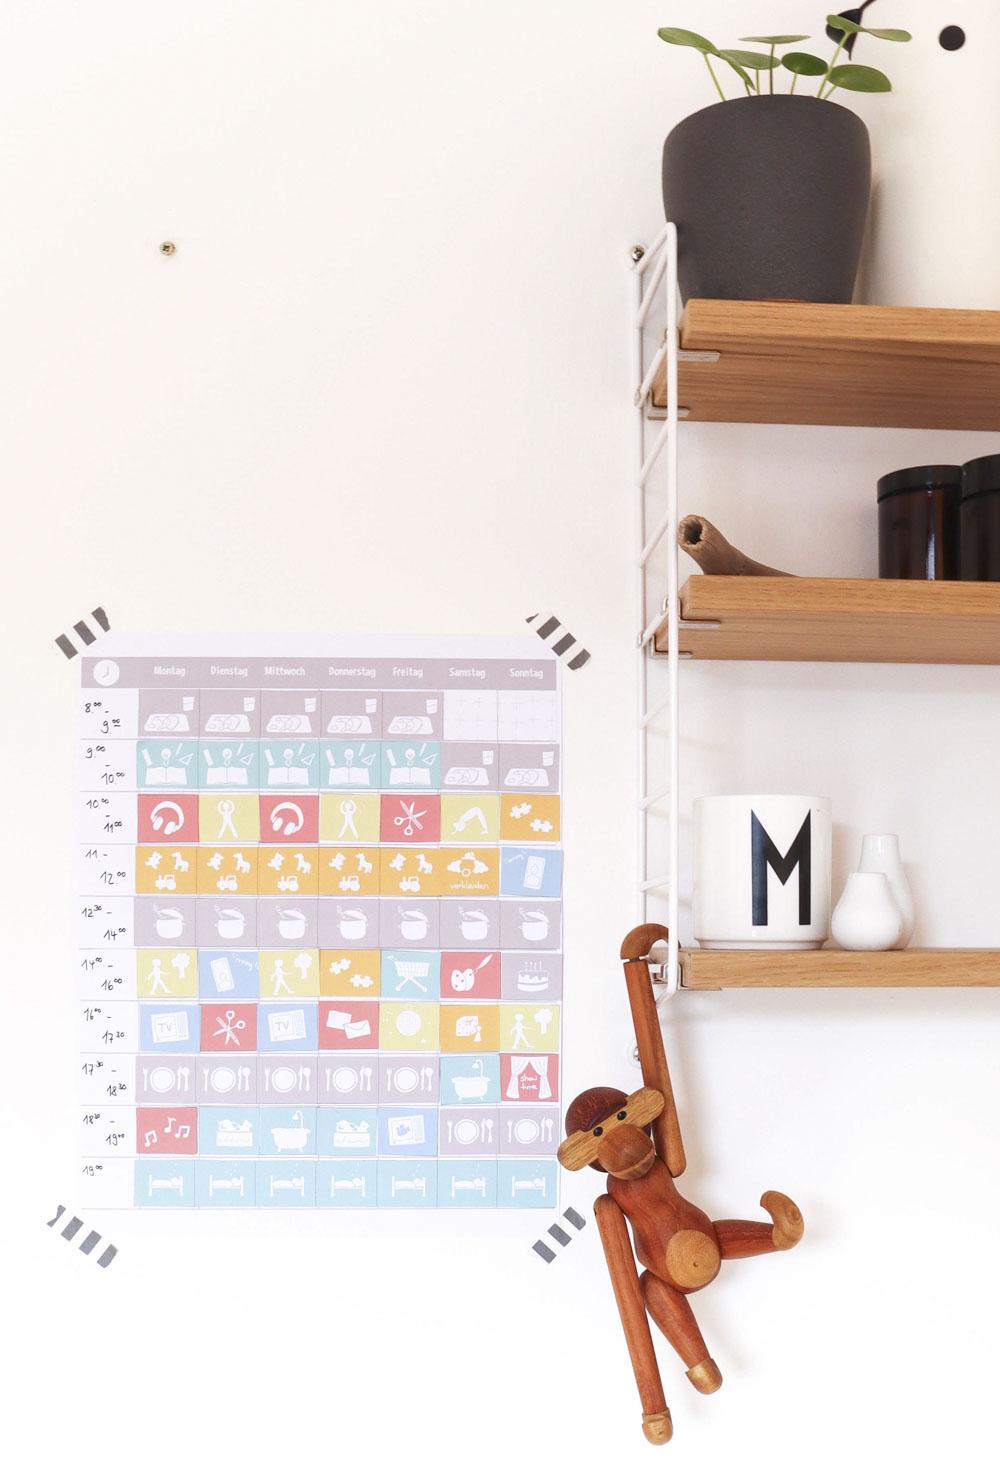 Bastelset Wochenplan Kinder mit Symbolen an der Wand